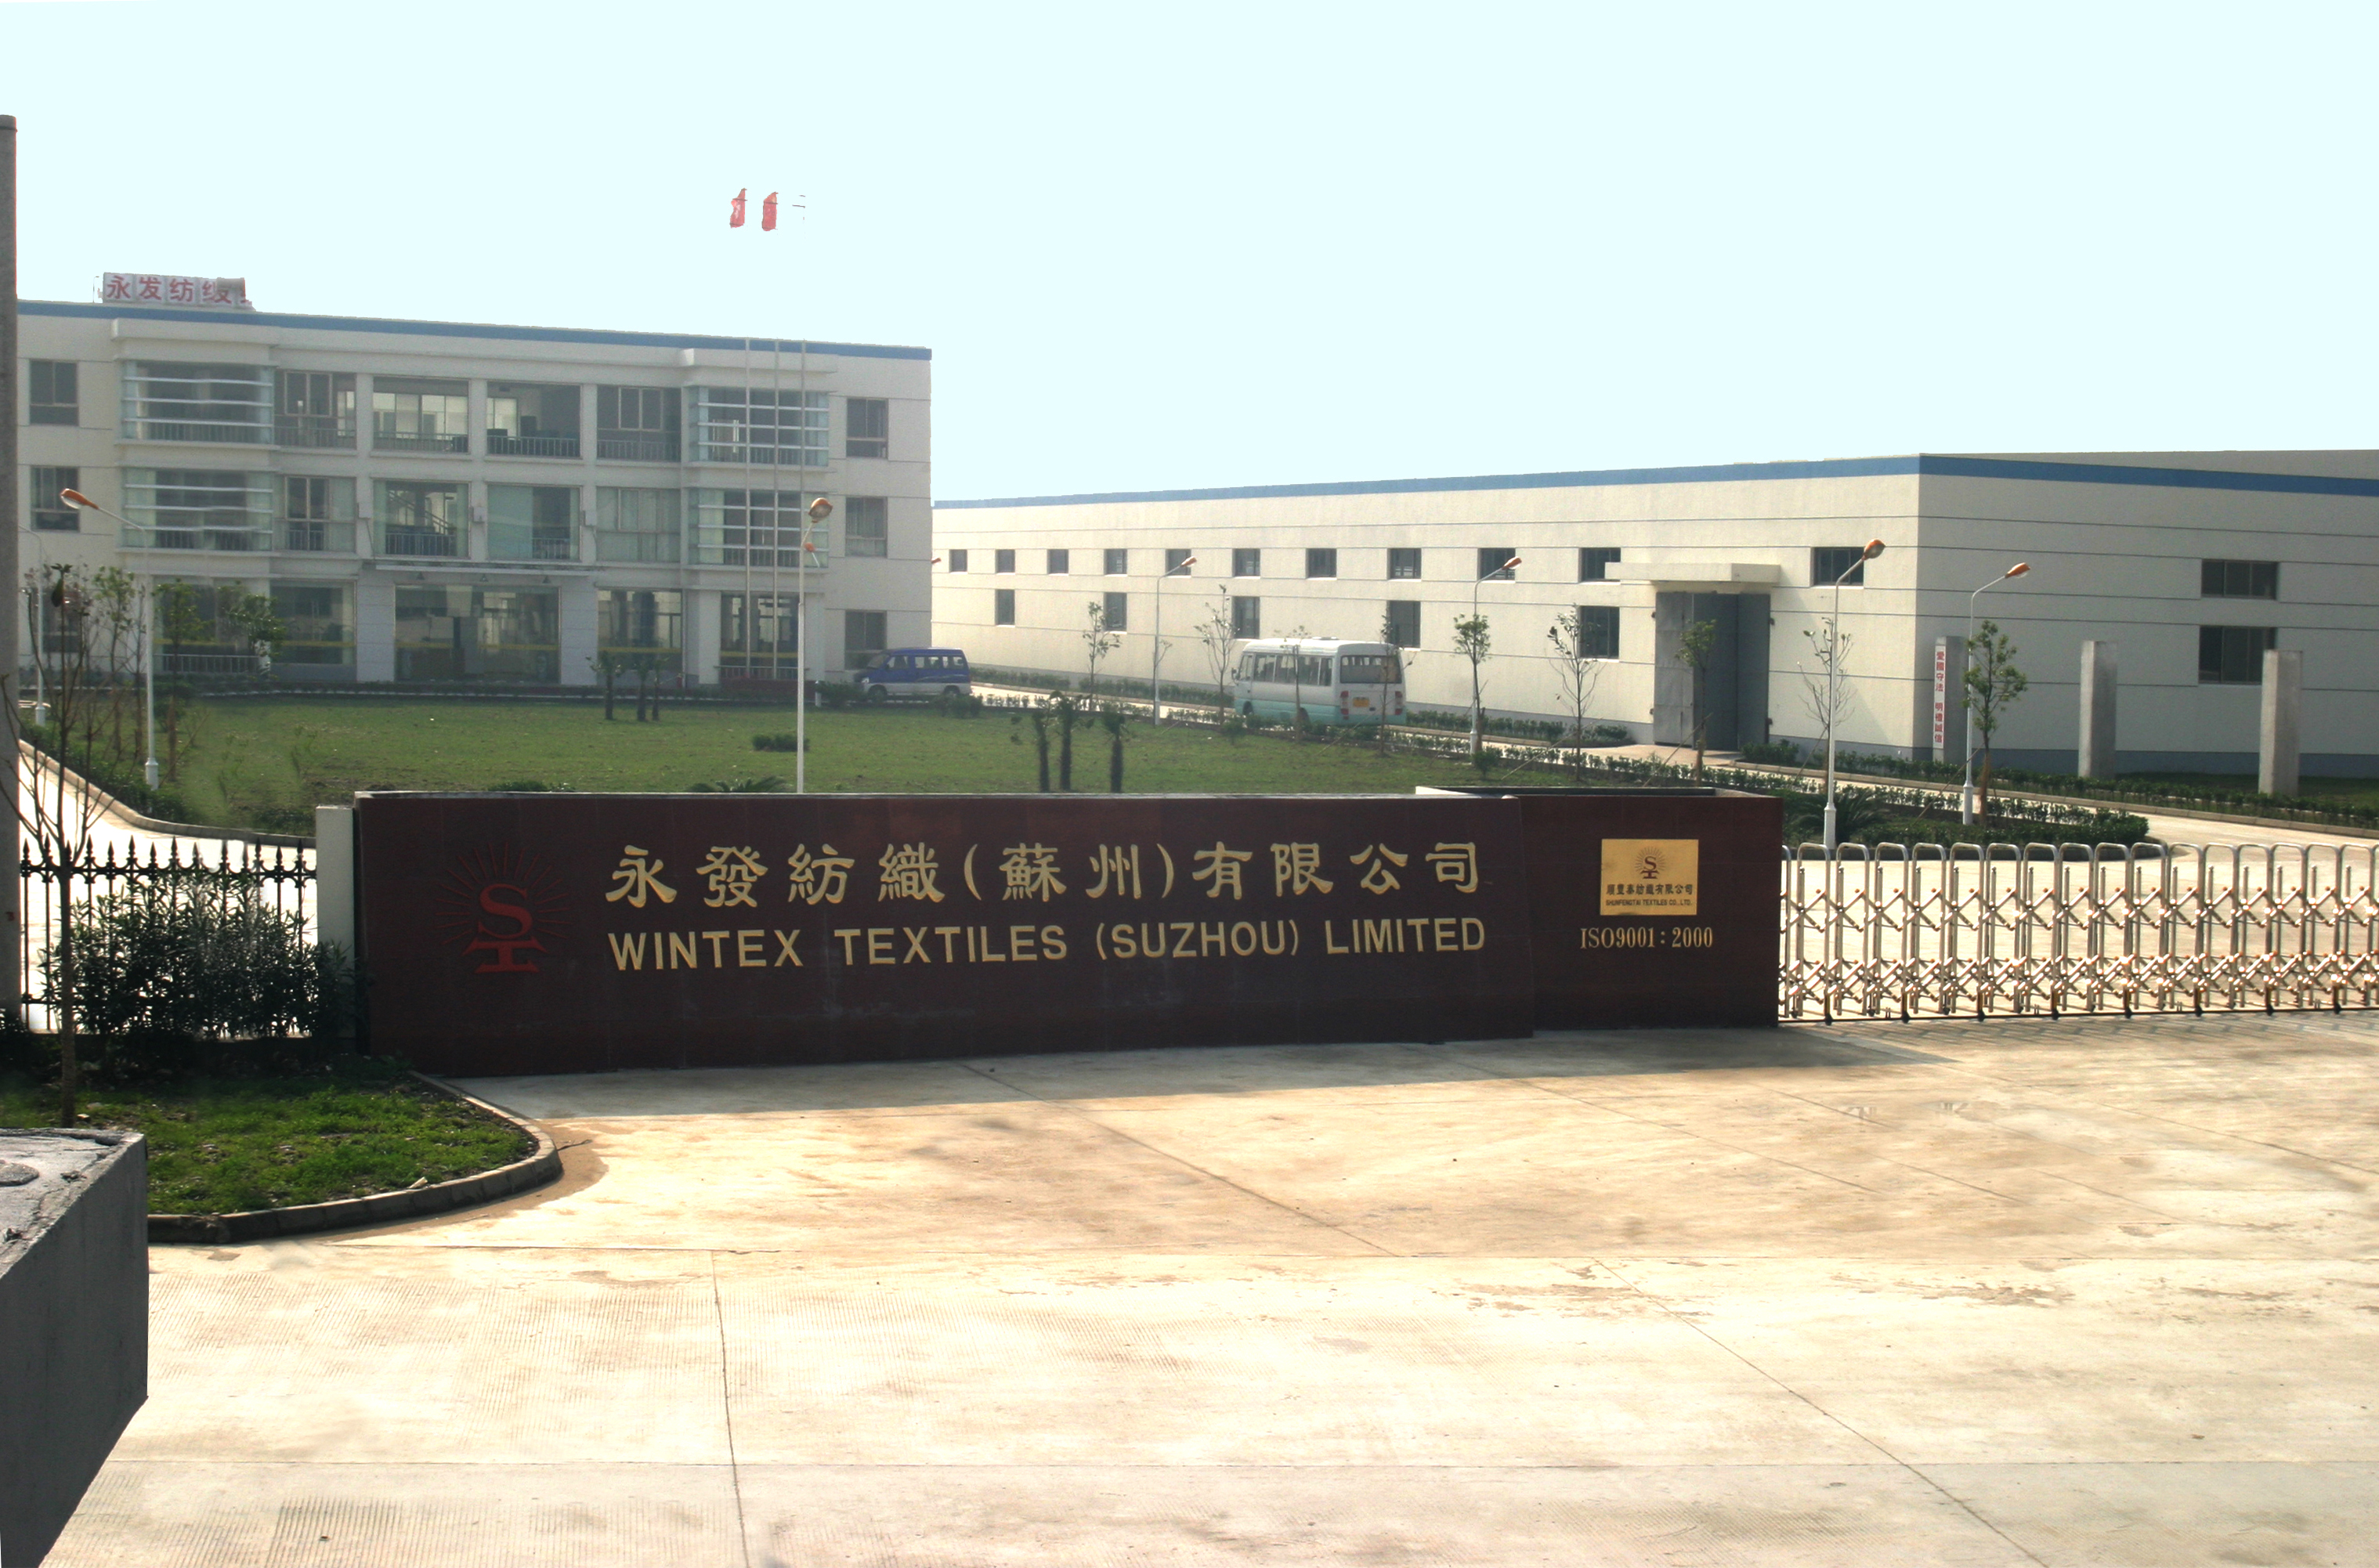 苏州工业园区顺丰速运有限公司招聘信息